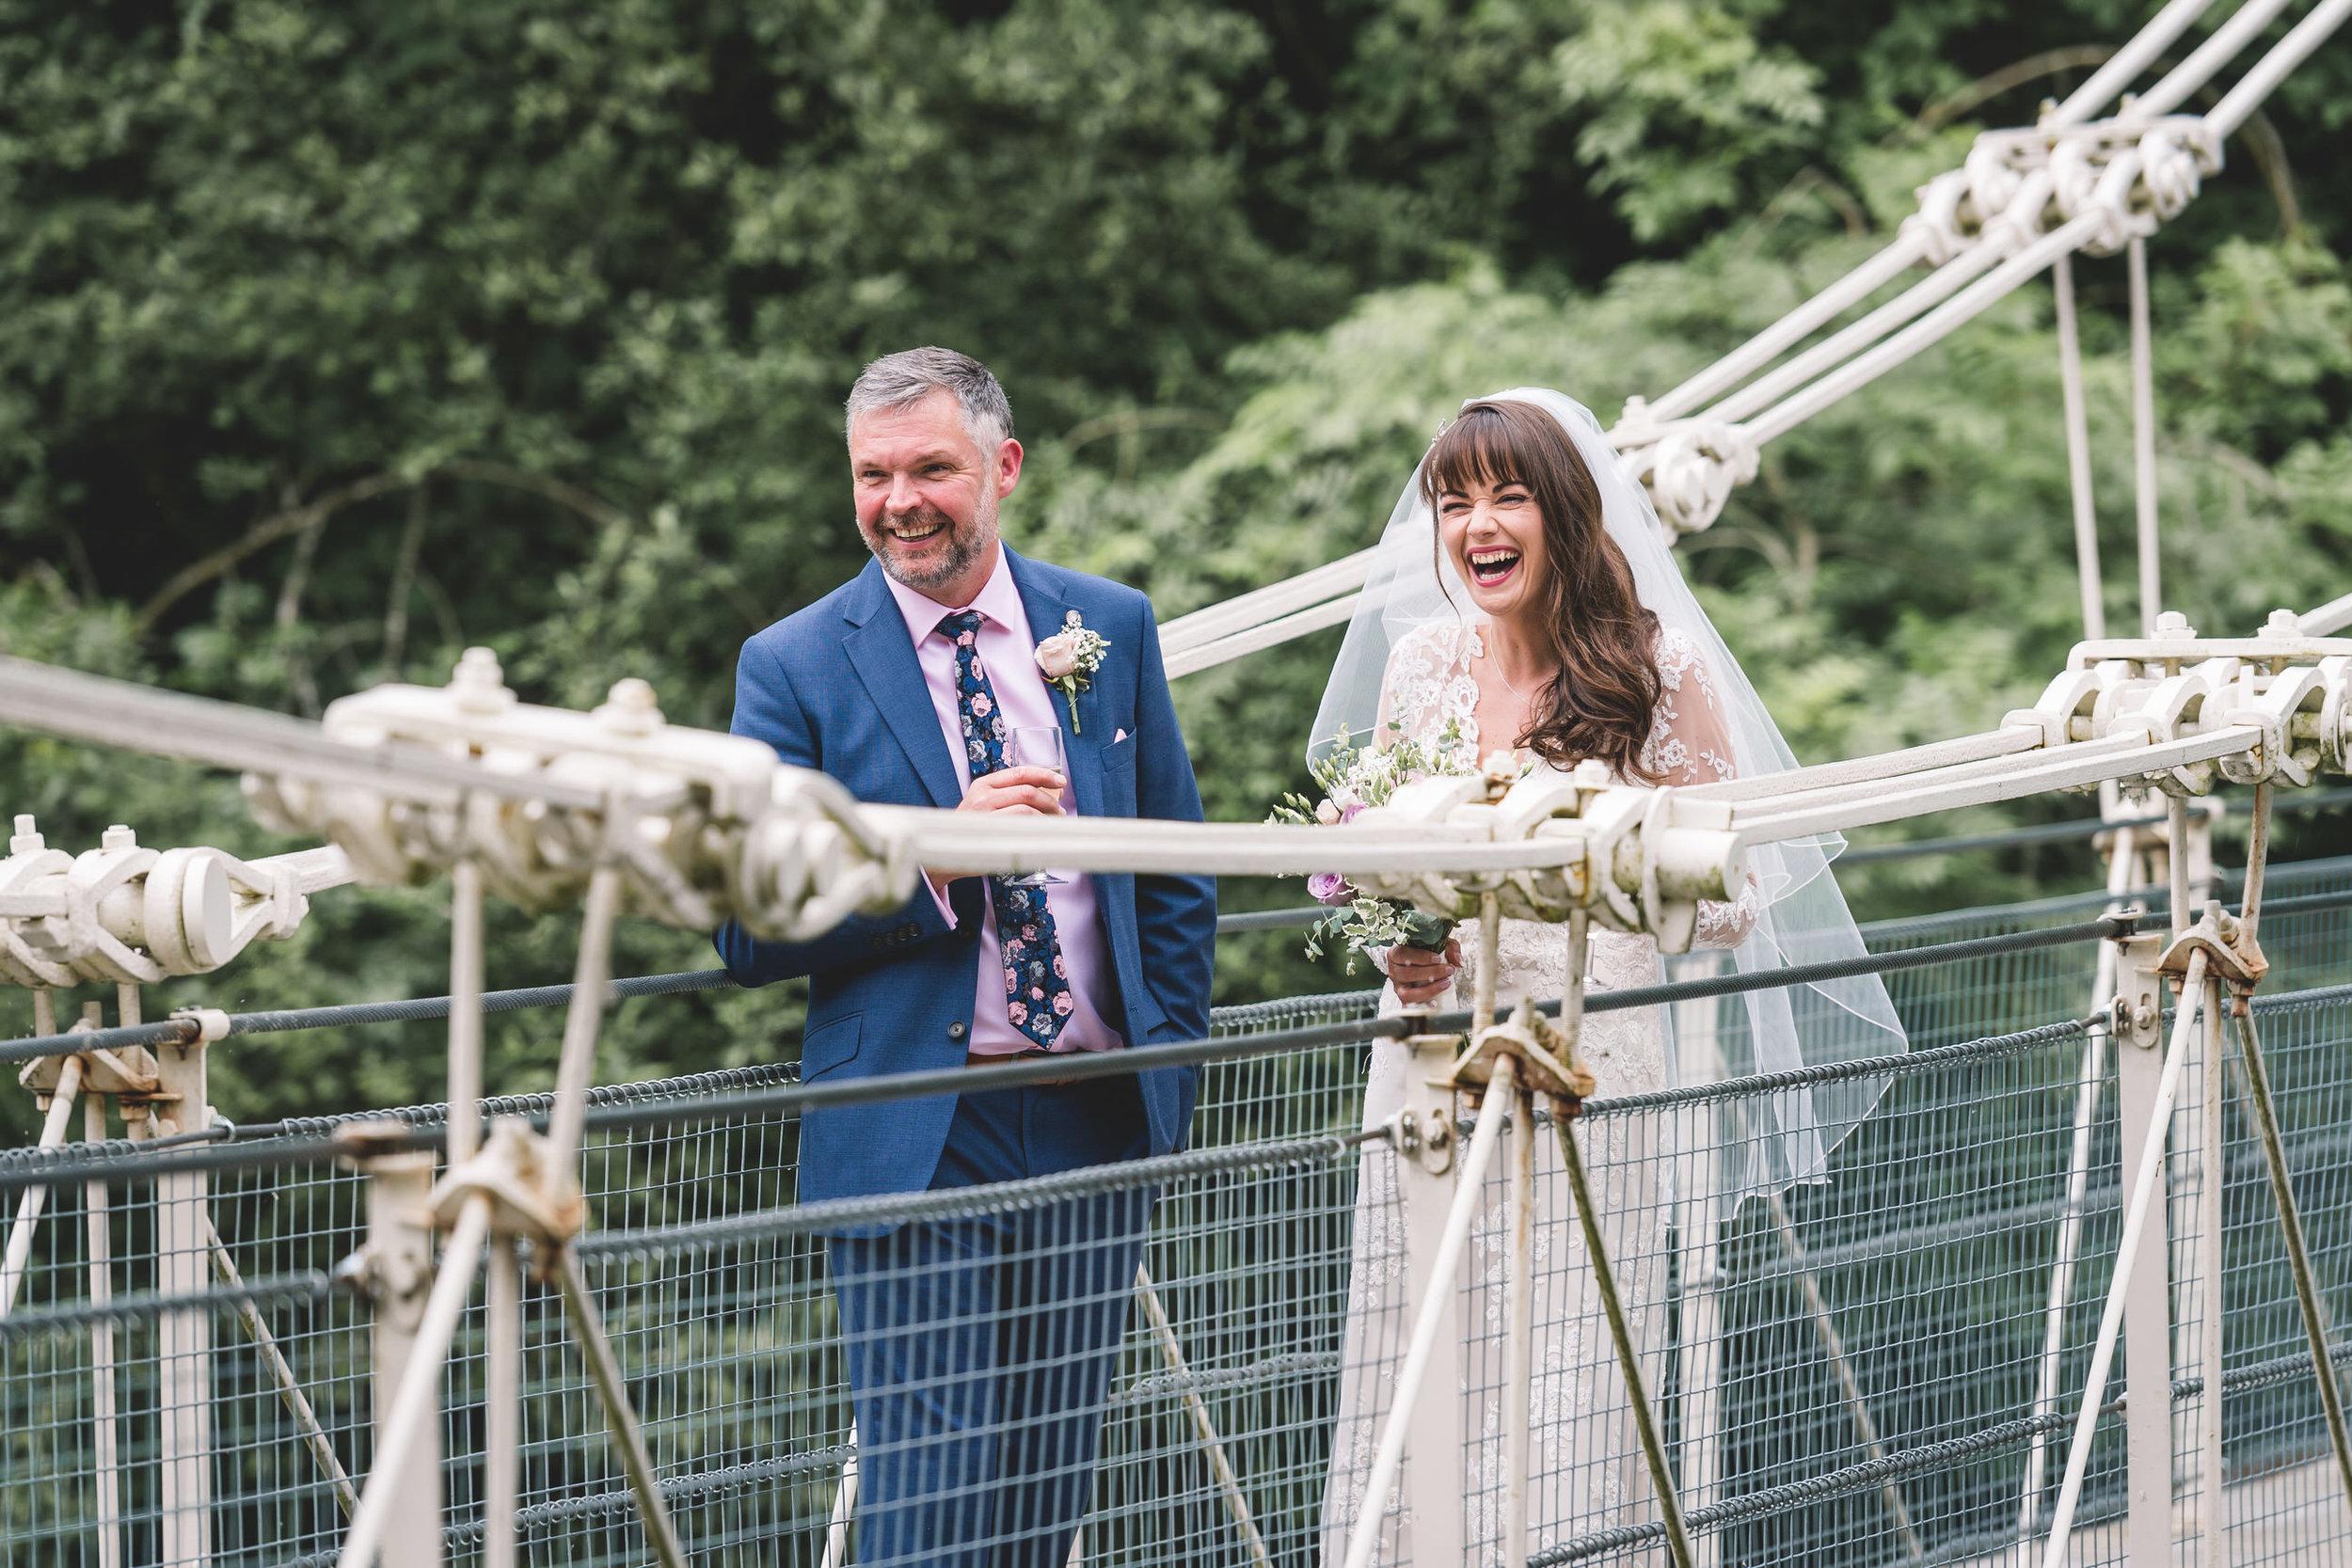 chainbridge-wedding-leeds-wedding-photographer-25.jpg